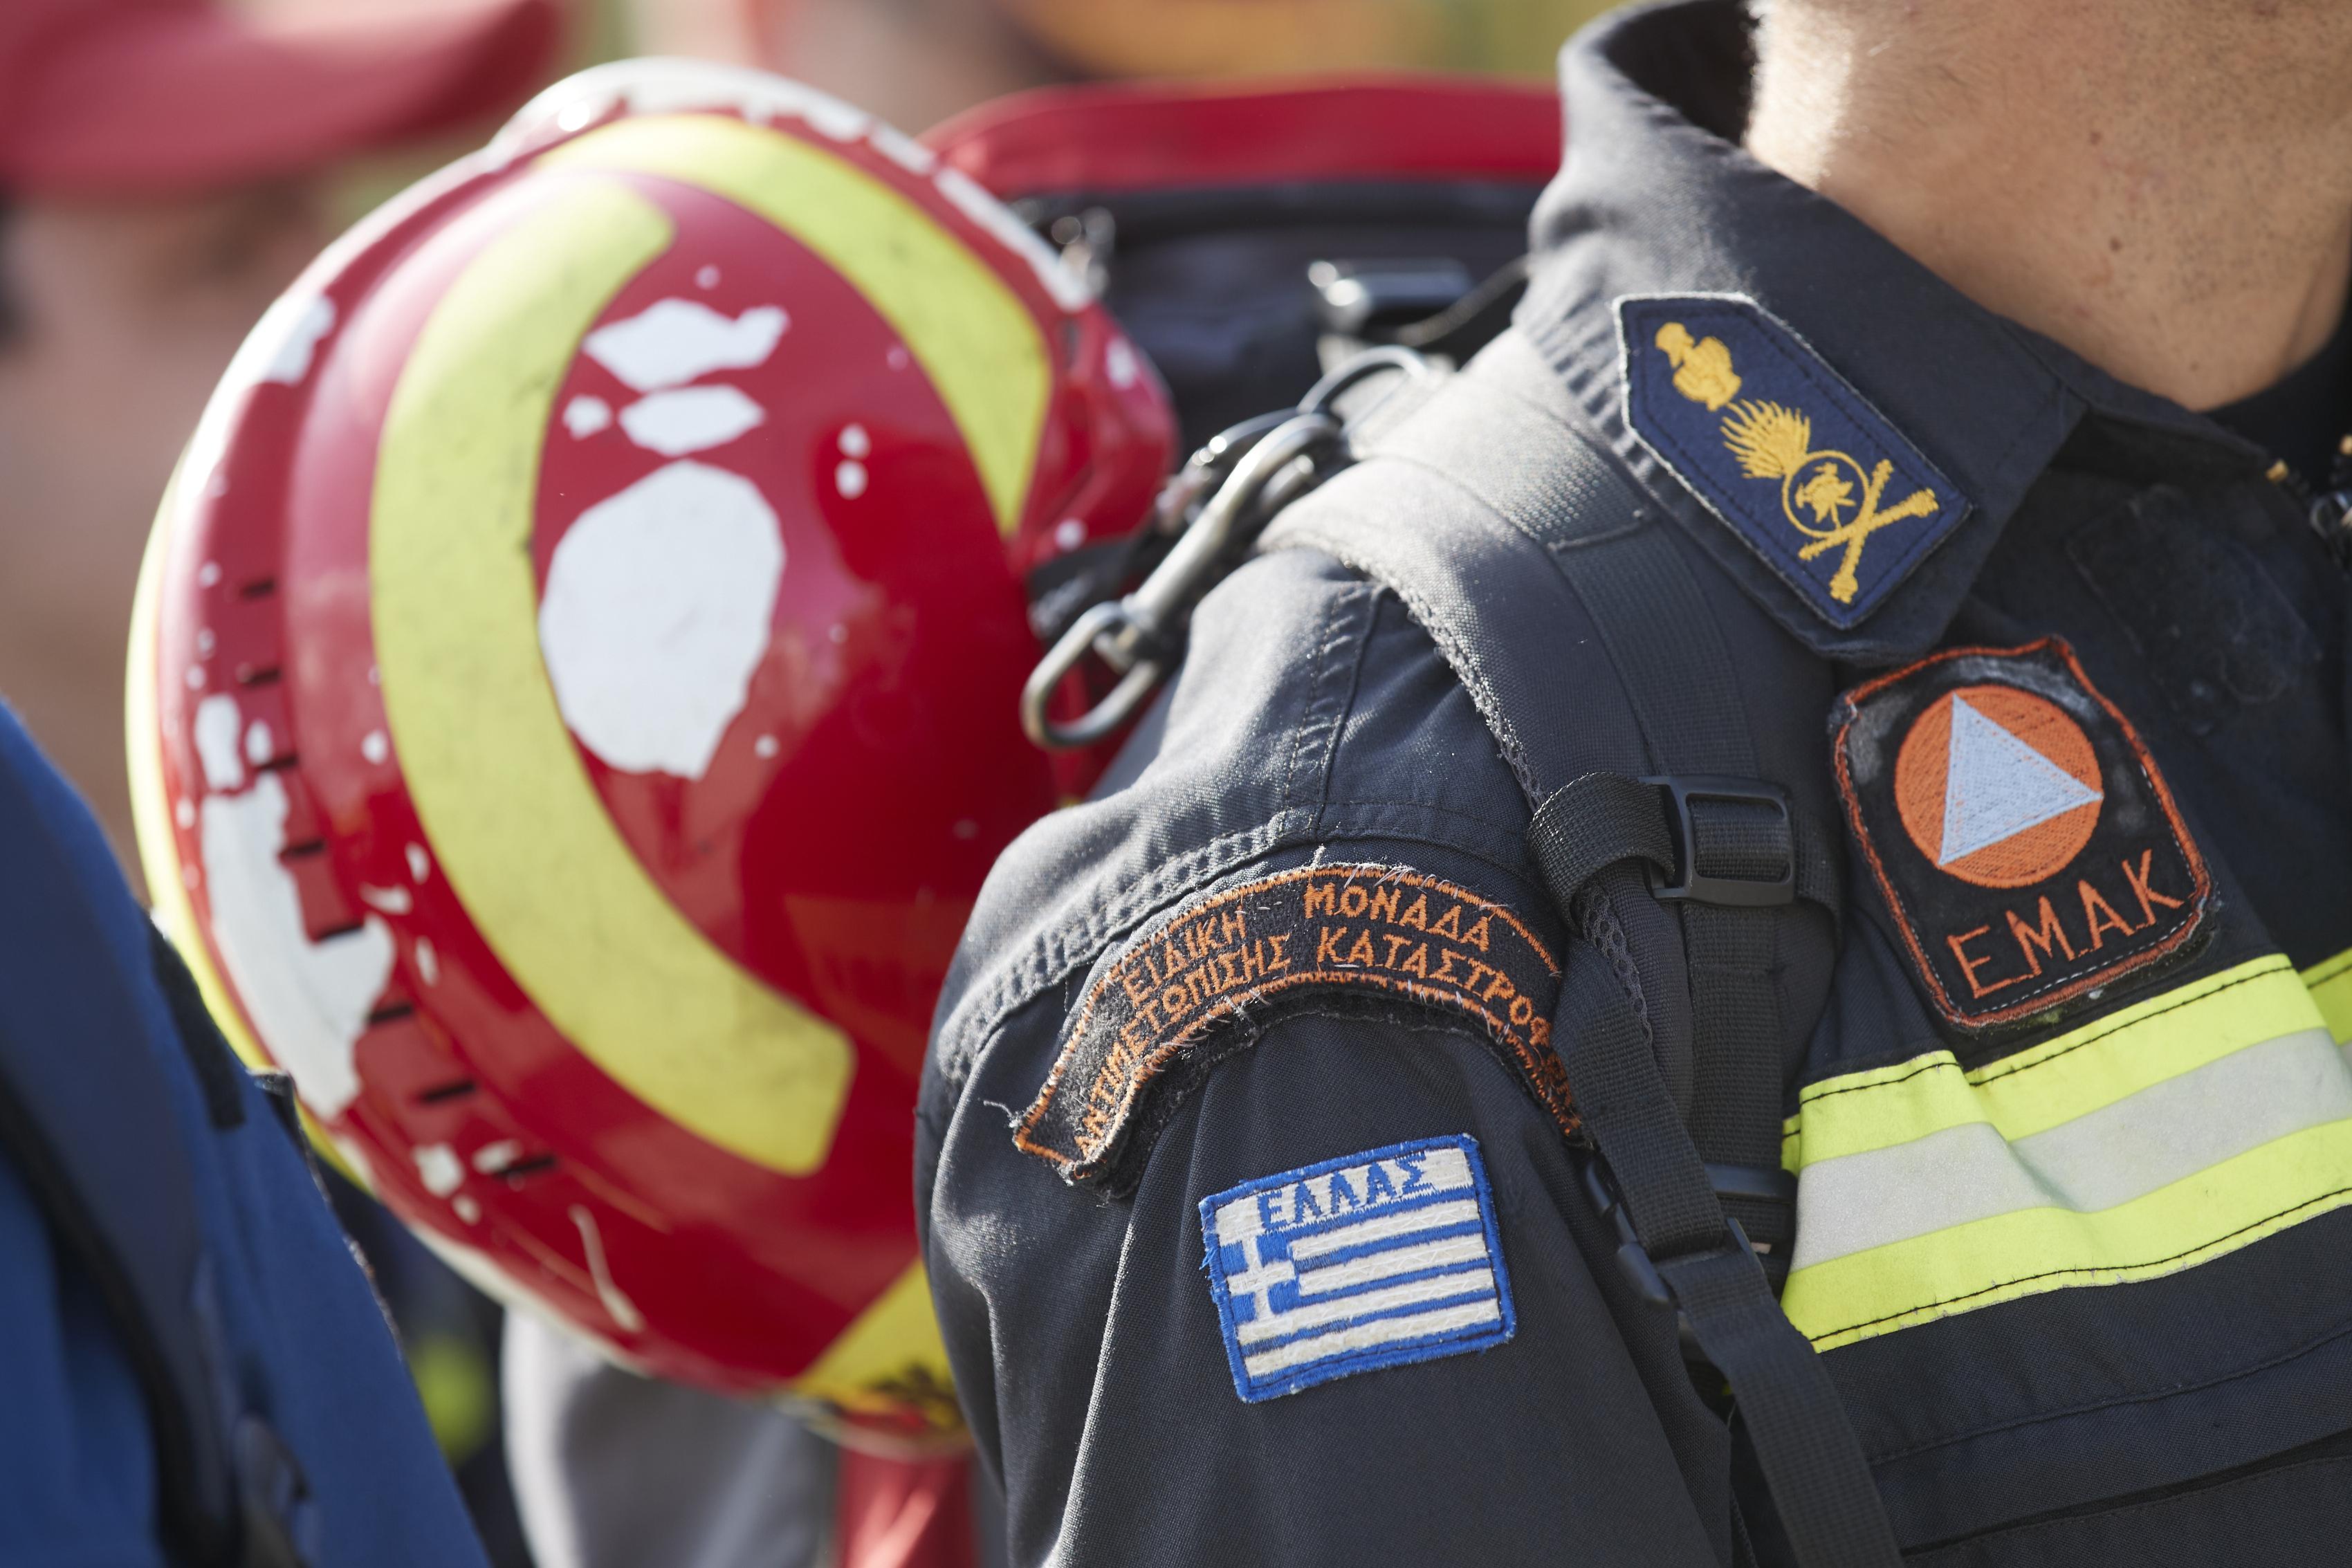 Κρήτη: Εκτός EMAK 7 πυροσβέστες που αρνήθηκαν να κάνουν το εμβόλιο για τον κορονοϊό